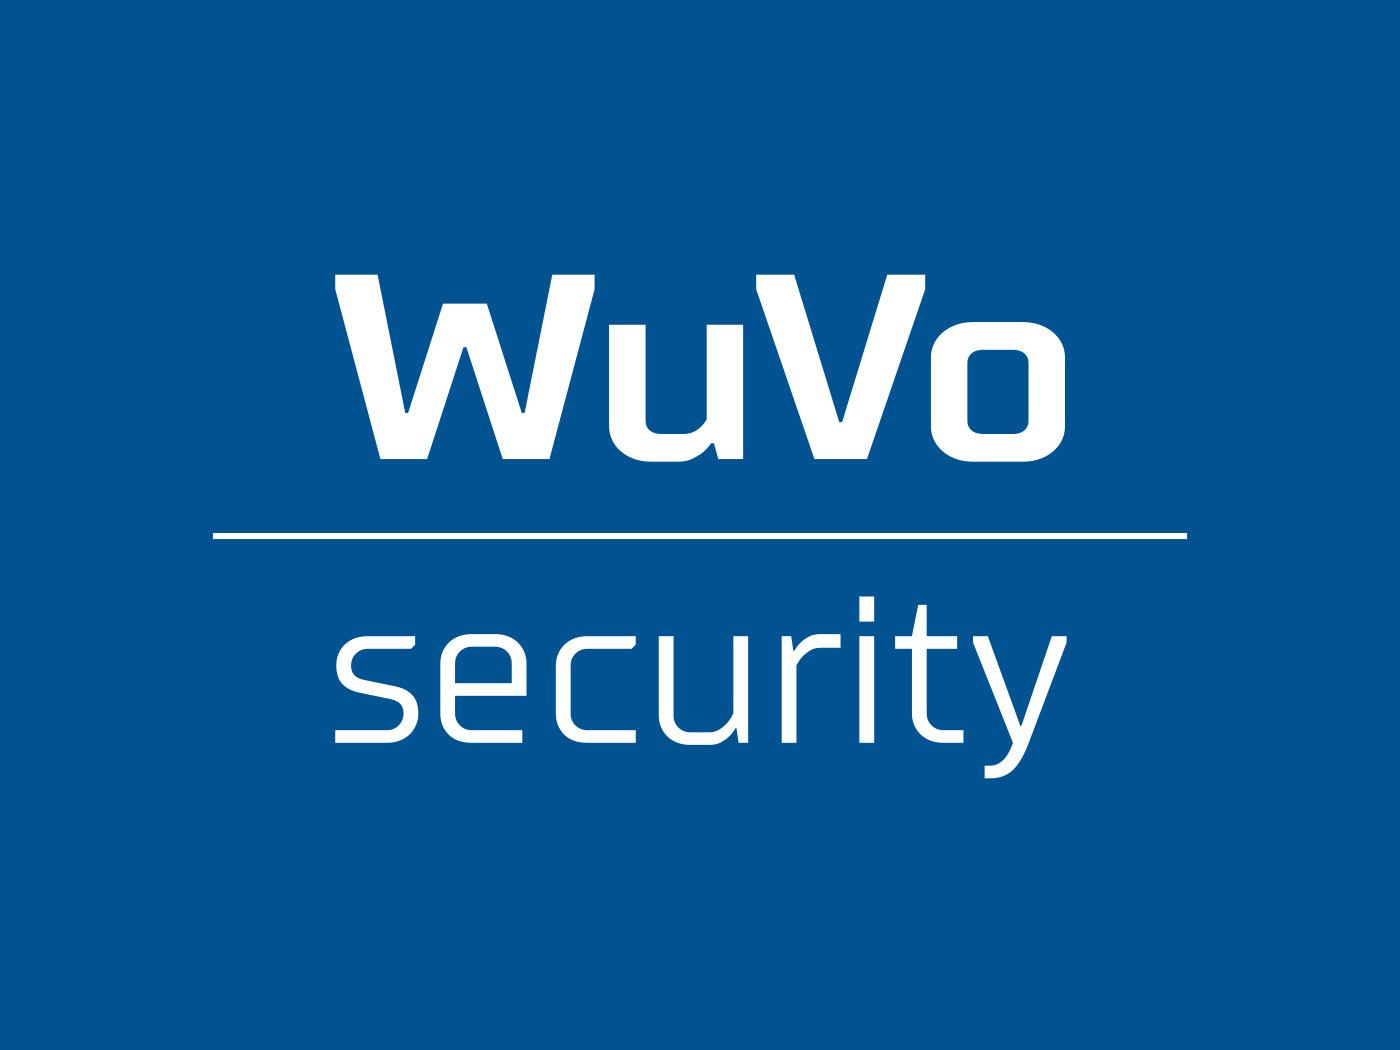 logoentwicklung-sicherheitsdienst